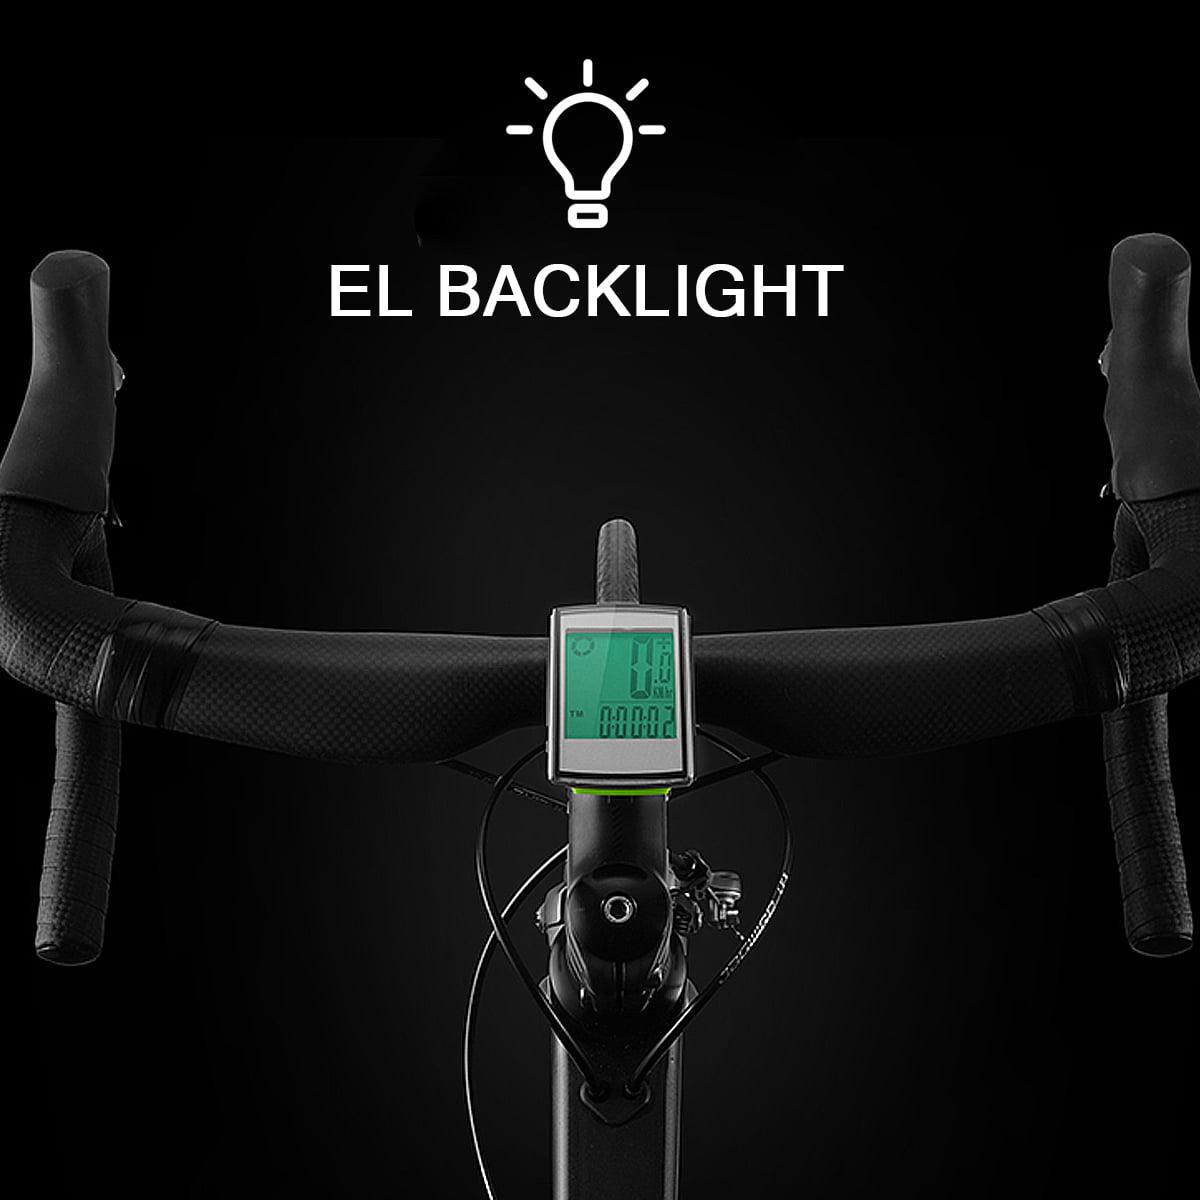 IP65 Waterproof Wireless LCD Cycling Bike Bicycle Computer Odometer Speedometer